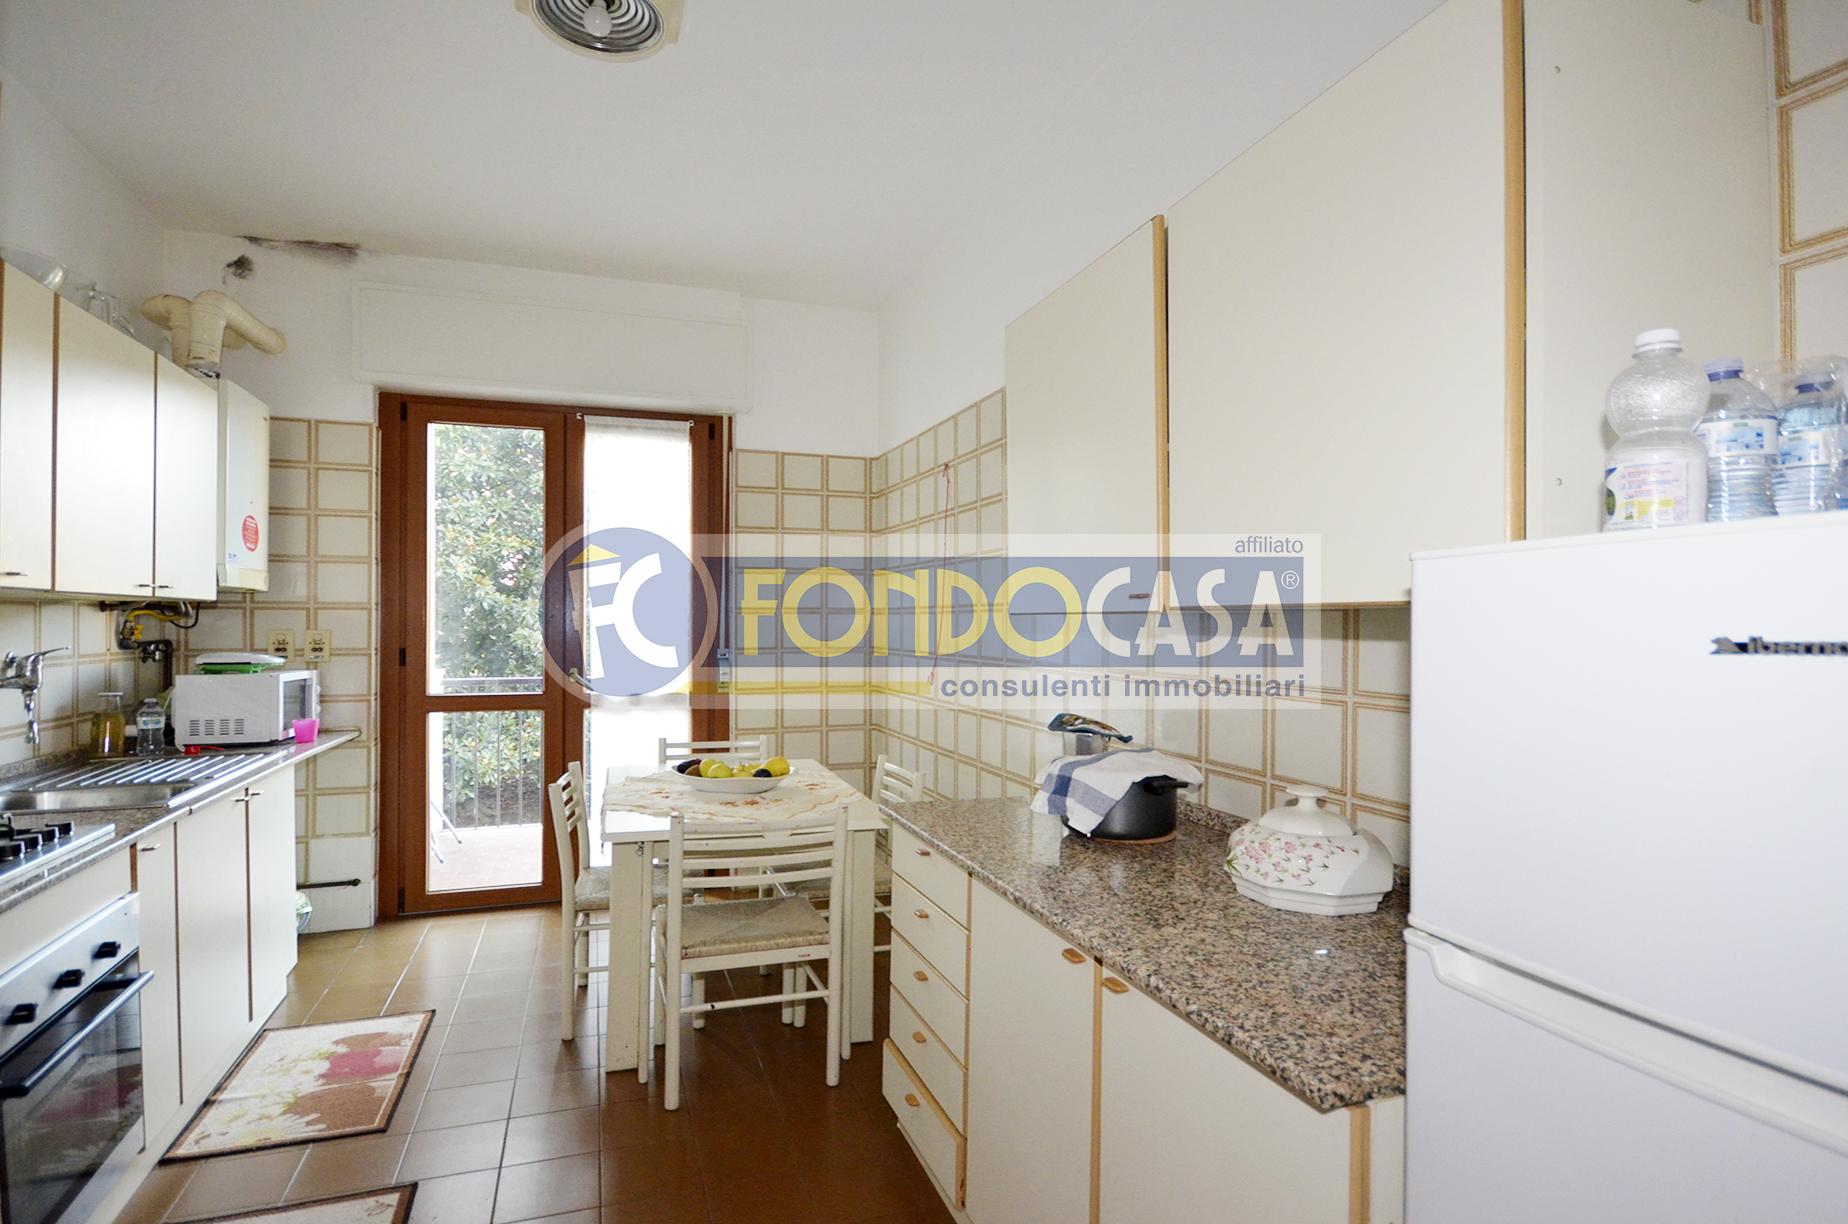 Bilocale Tavazzano con Villavesco Via Fratelli Cervi 2